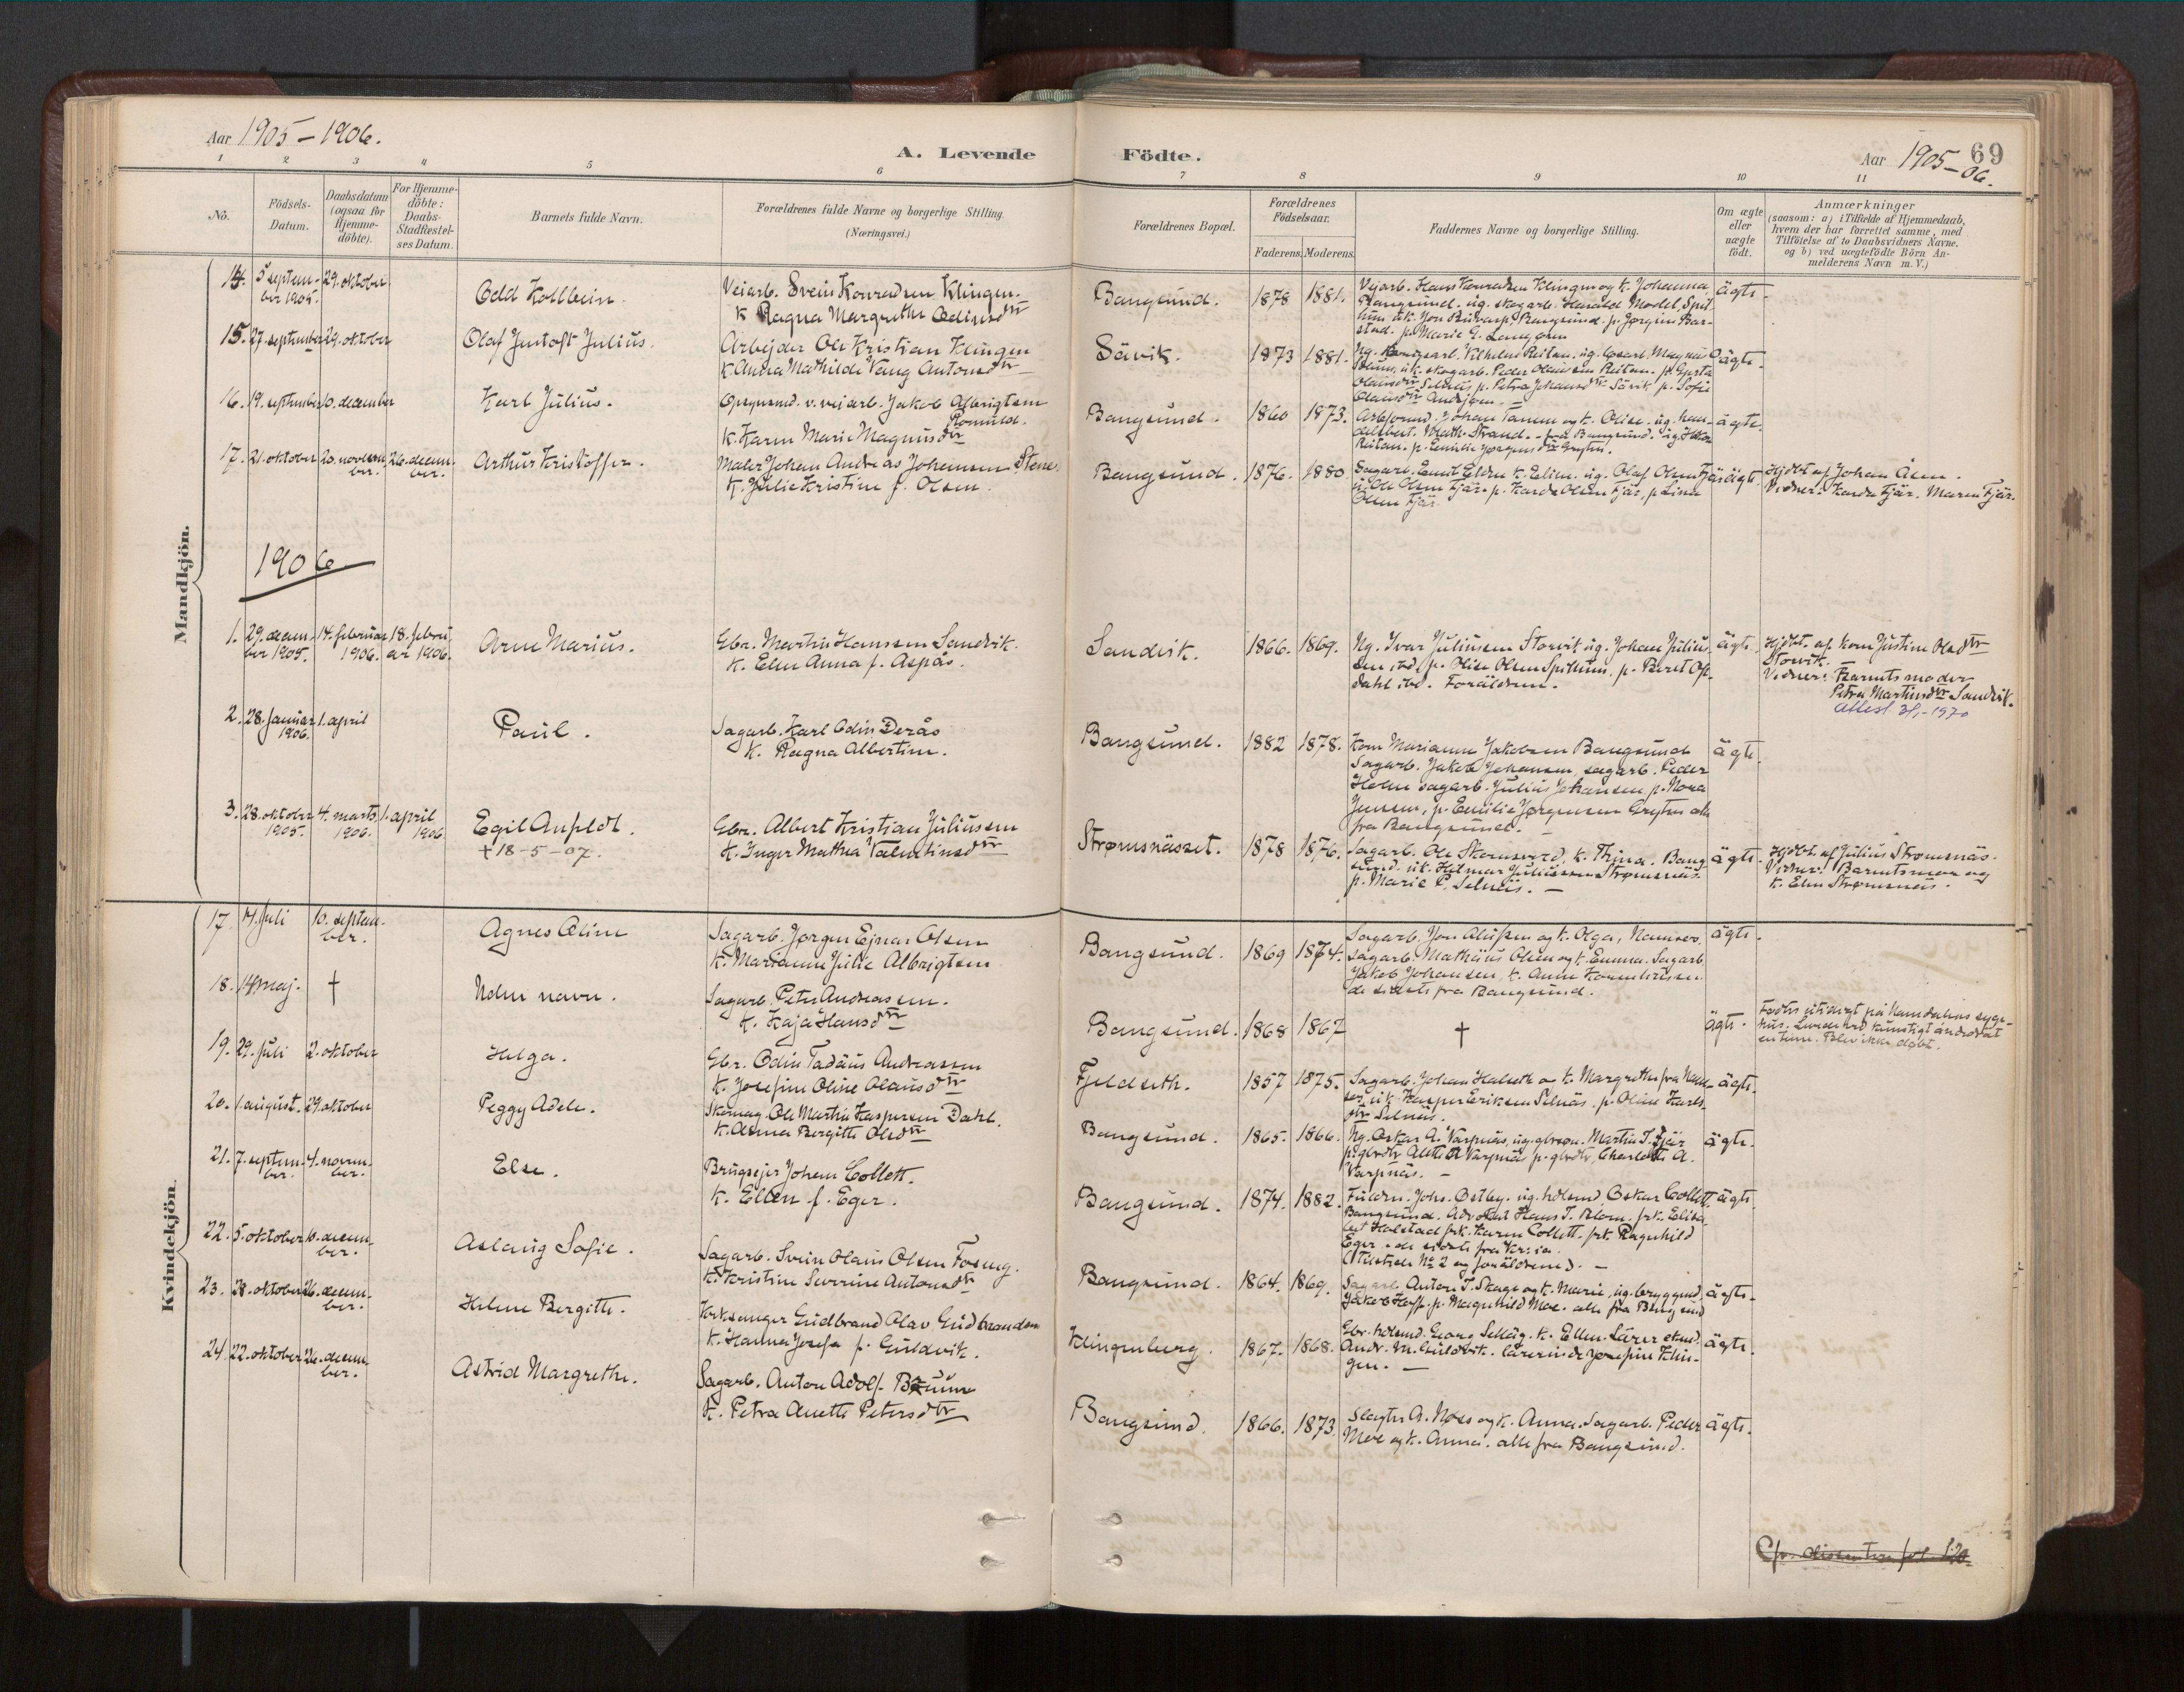 SAT, Ministerialprotokoller, klokkerbøker og fødselsregistre - Nord-Trøndelag, 770/L0589: Ministerialbok nr. 770A03, 1887-1929, s. 69